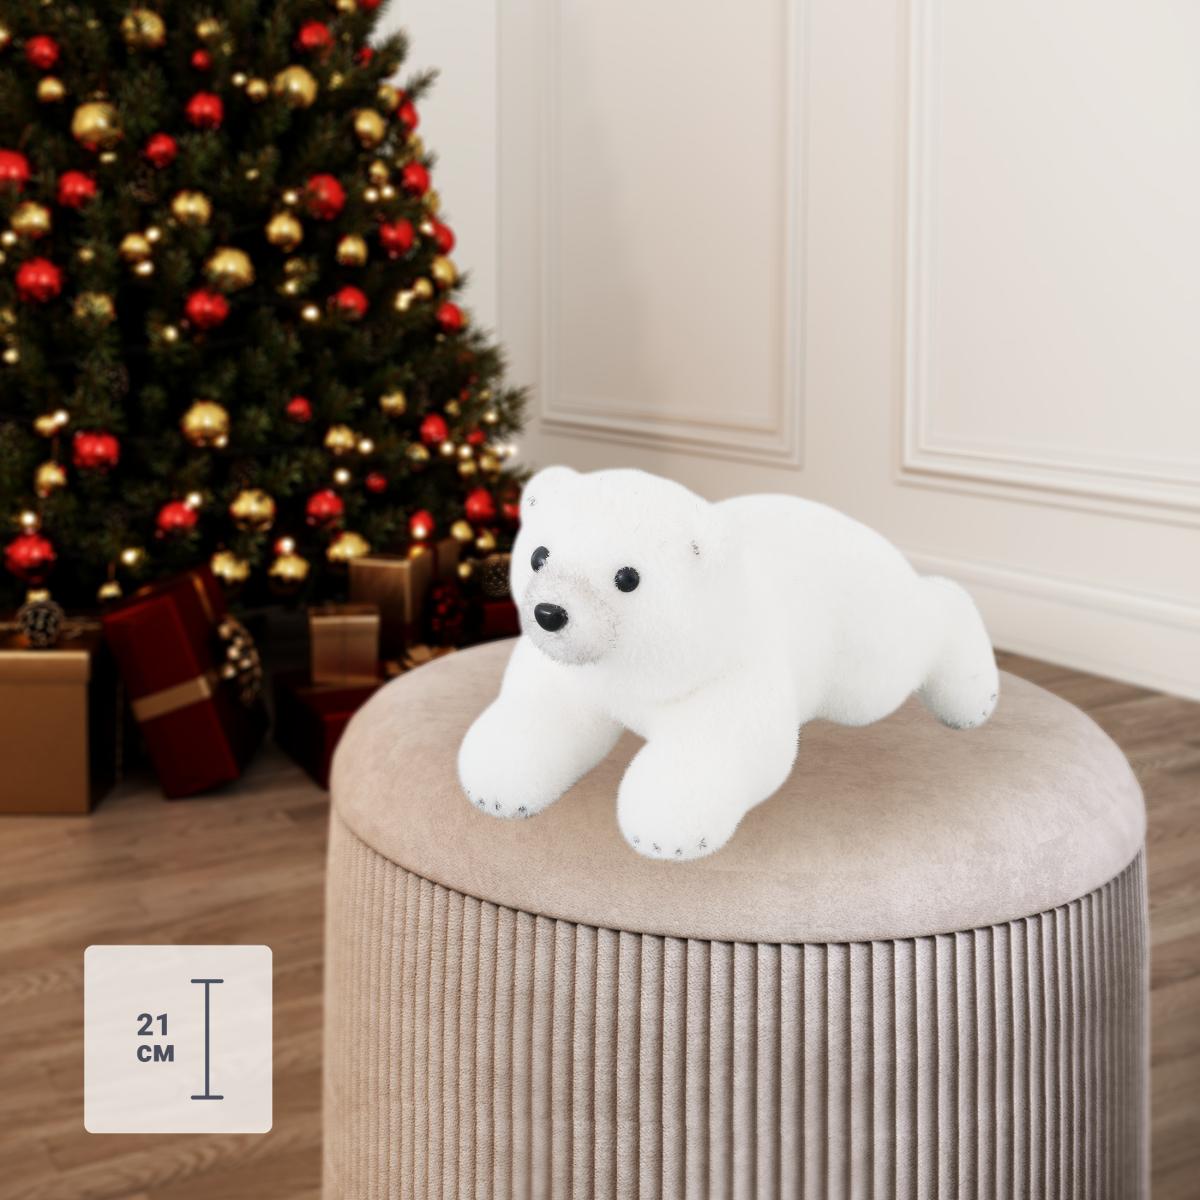 Мягкая Игрушка Медвежонок 21